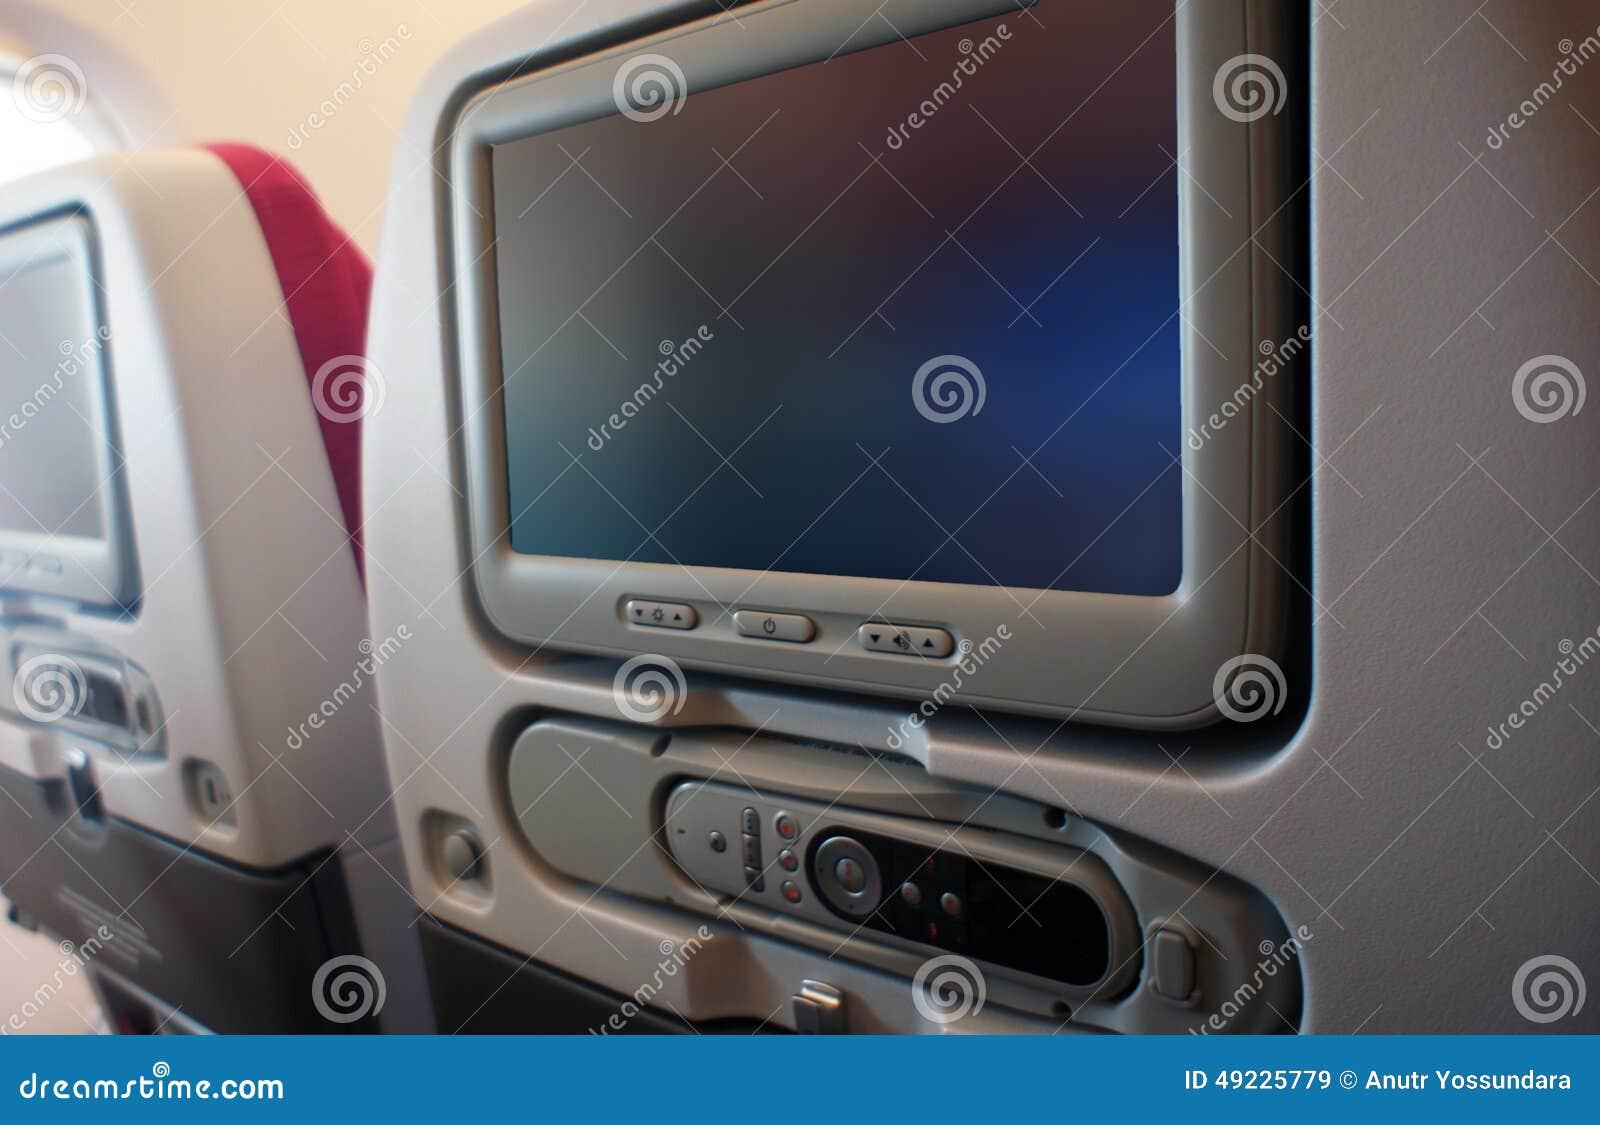 Wirtschaftlicher Klassensitz der Fluglinie mit Touch Screen Fernsehen